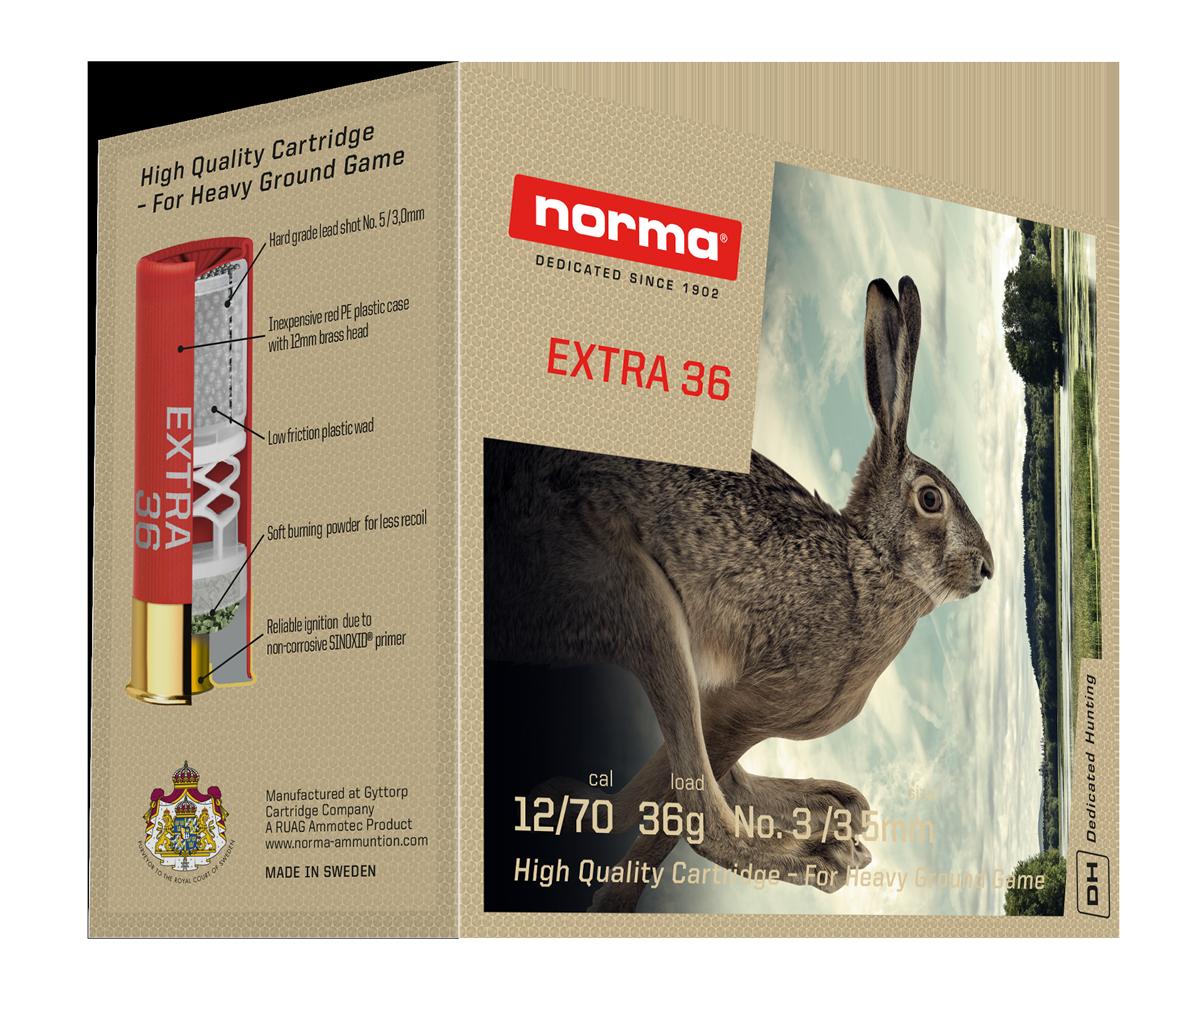 Norma Extra 36 12/70 36g patruuna